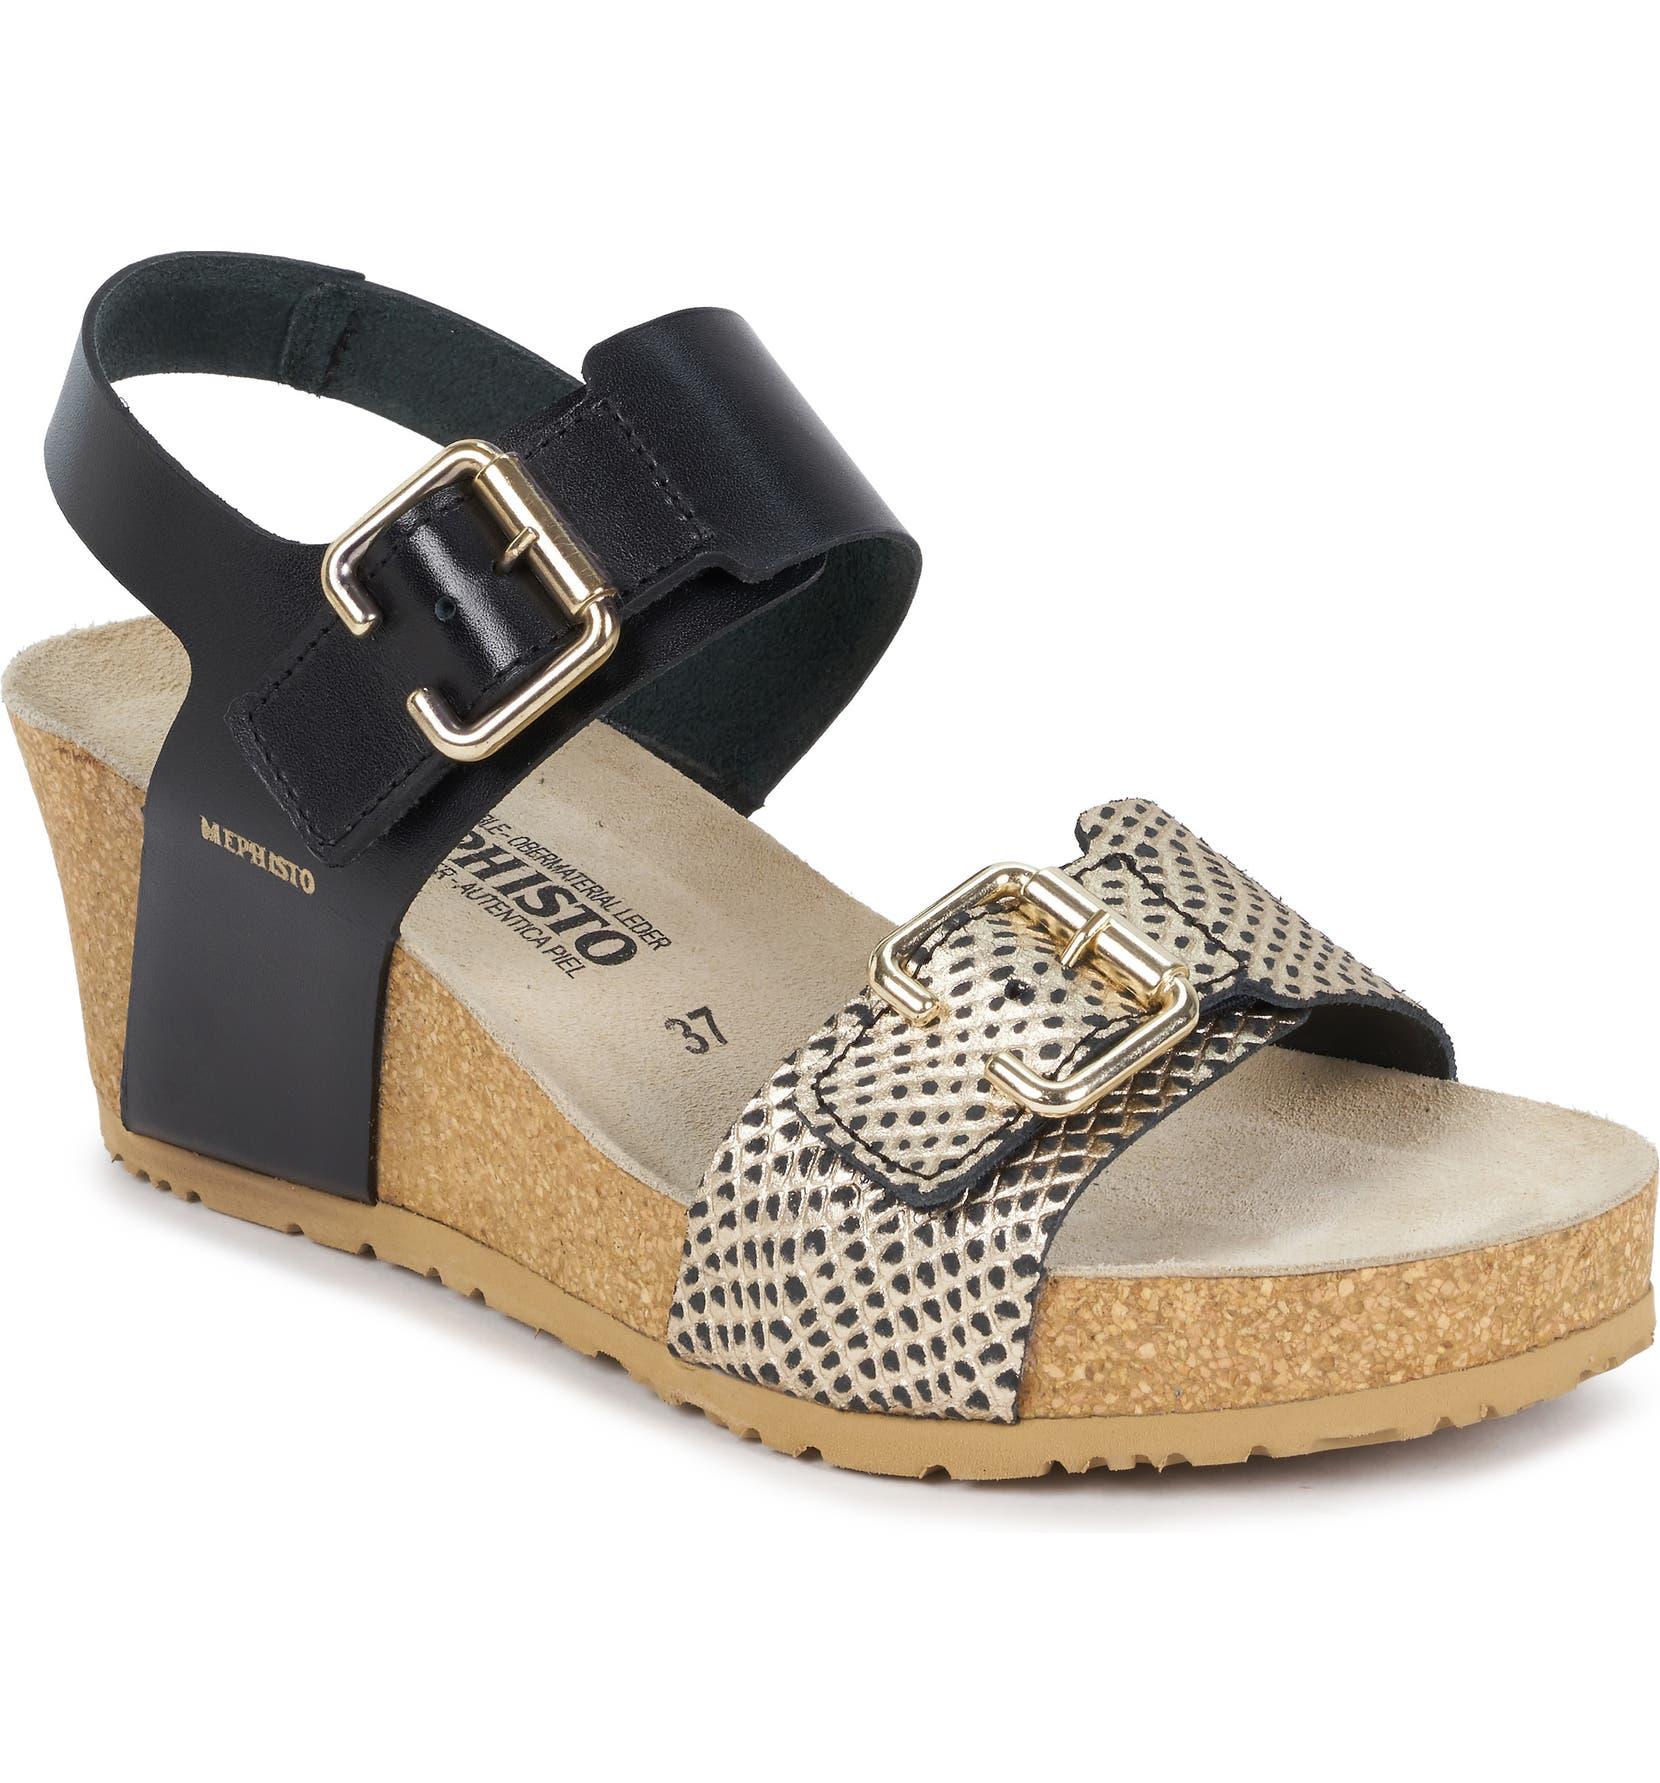 51f8d103d36 Mephisto Lissandra Platform Wedge Sandal (Women)   Nordstrom